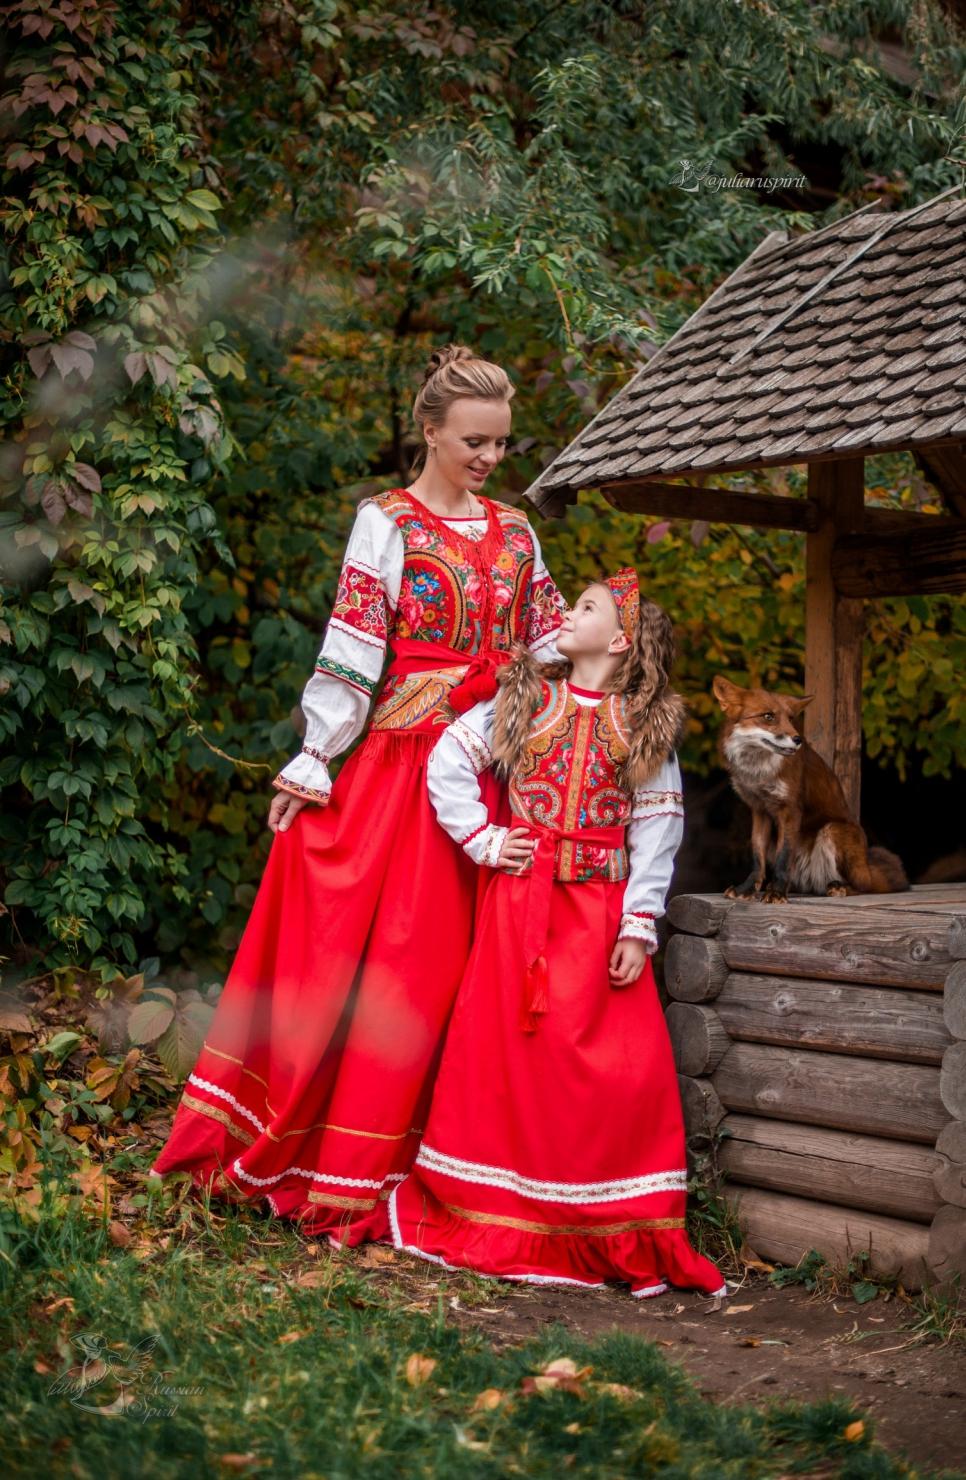 Дочка с мамой в платье в русском стиле у колодца с лисой